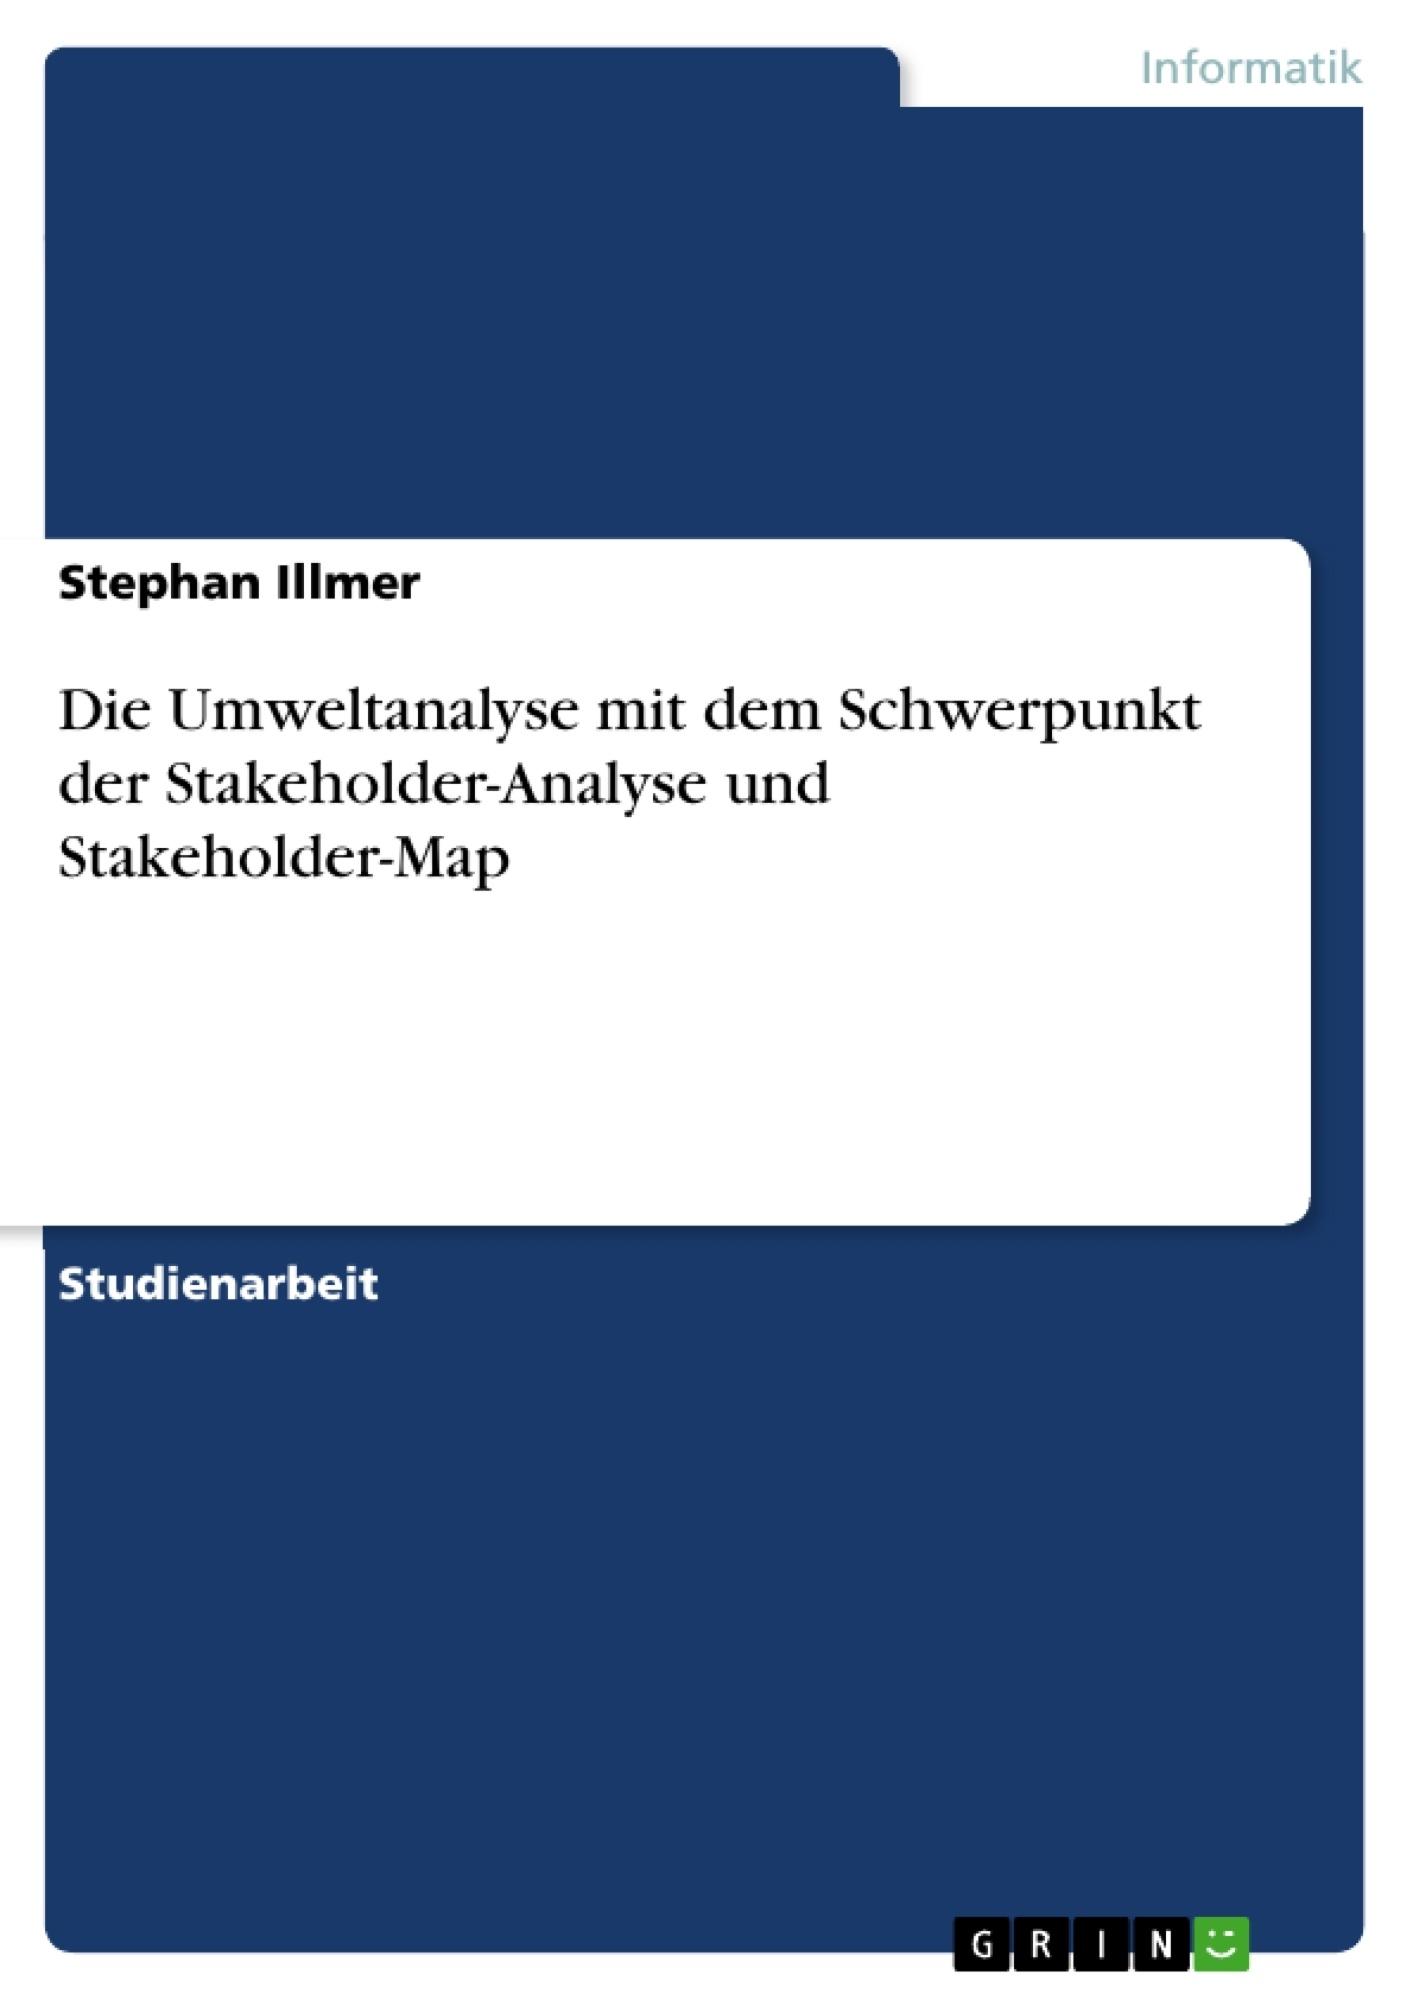 Die Umweltanalyse mit dem Schwerpunkt der Stakeholder-Analyse und ...